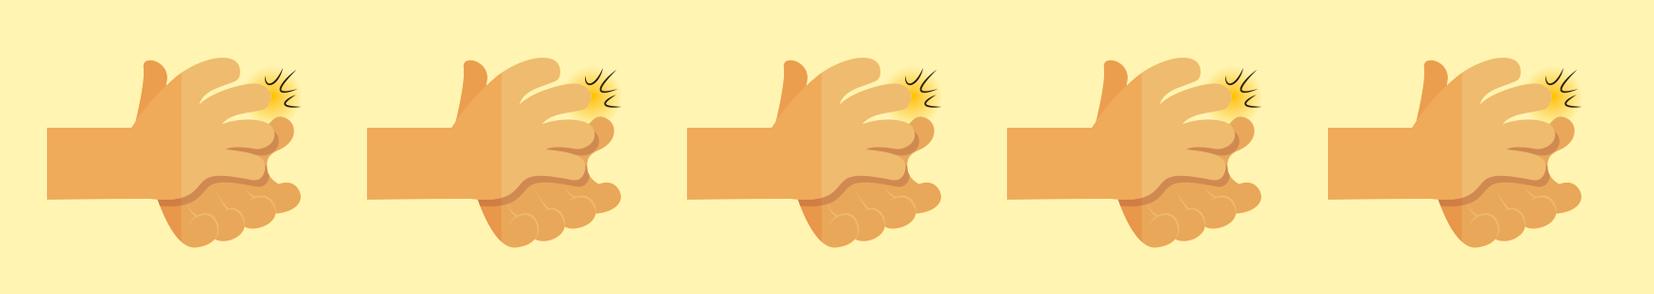 ilustração de cinco mãos batendo palmas na sequência.